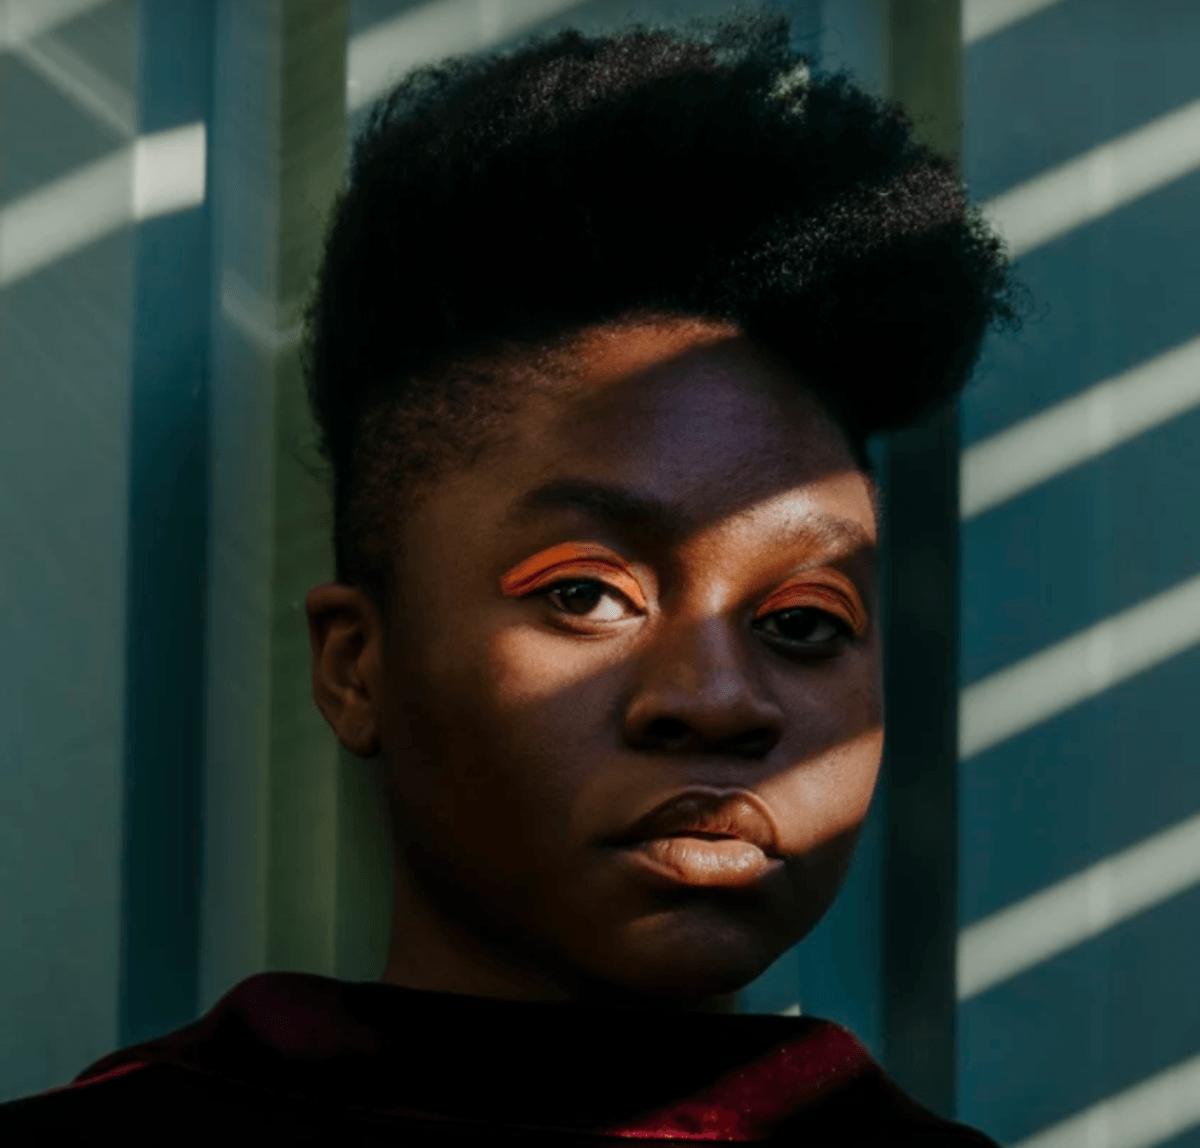 MOR.BO RIOT: Sampa The Great, la rapera de Zambia que hace alquimia con el hip hop, la poesía y los afrobeats